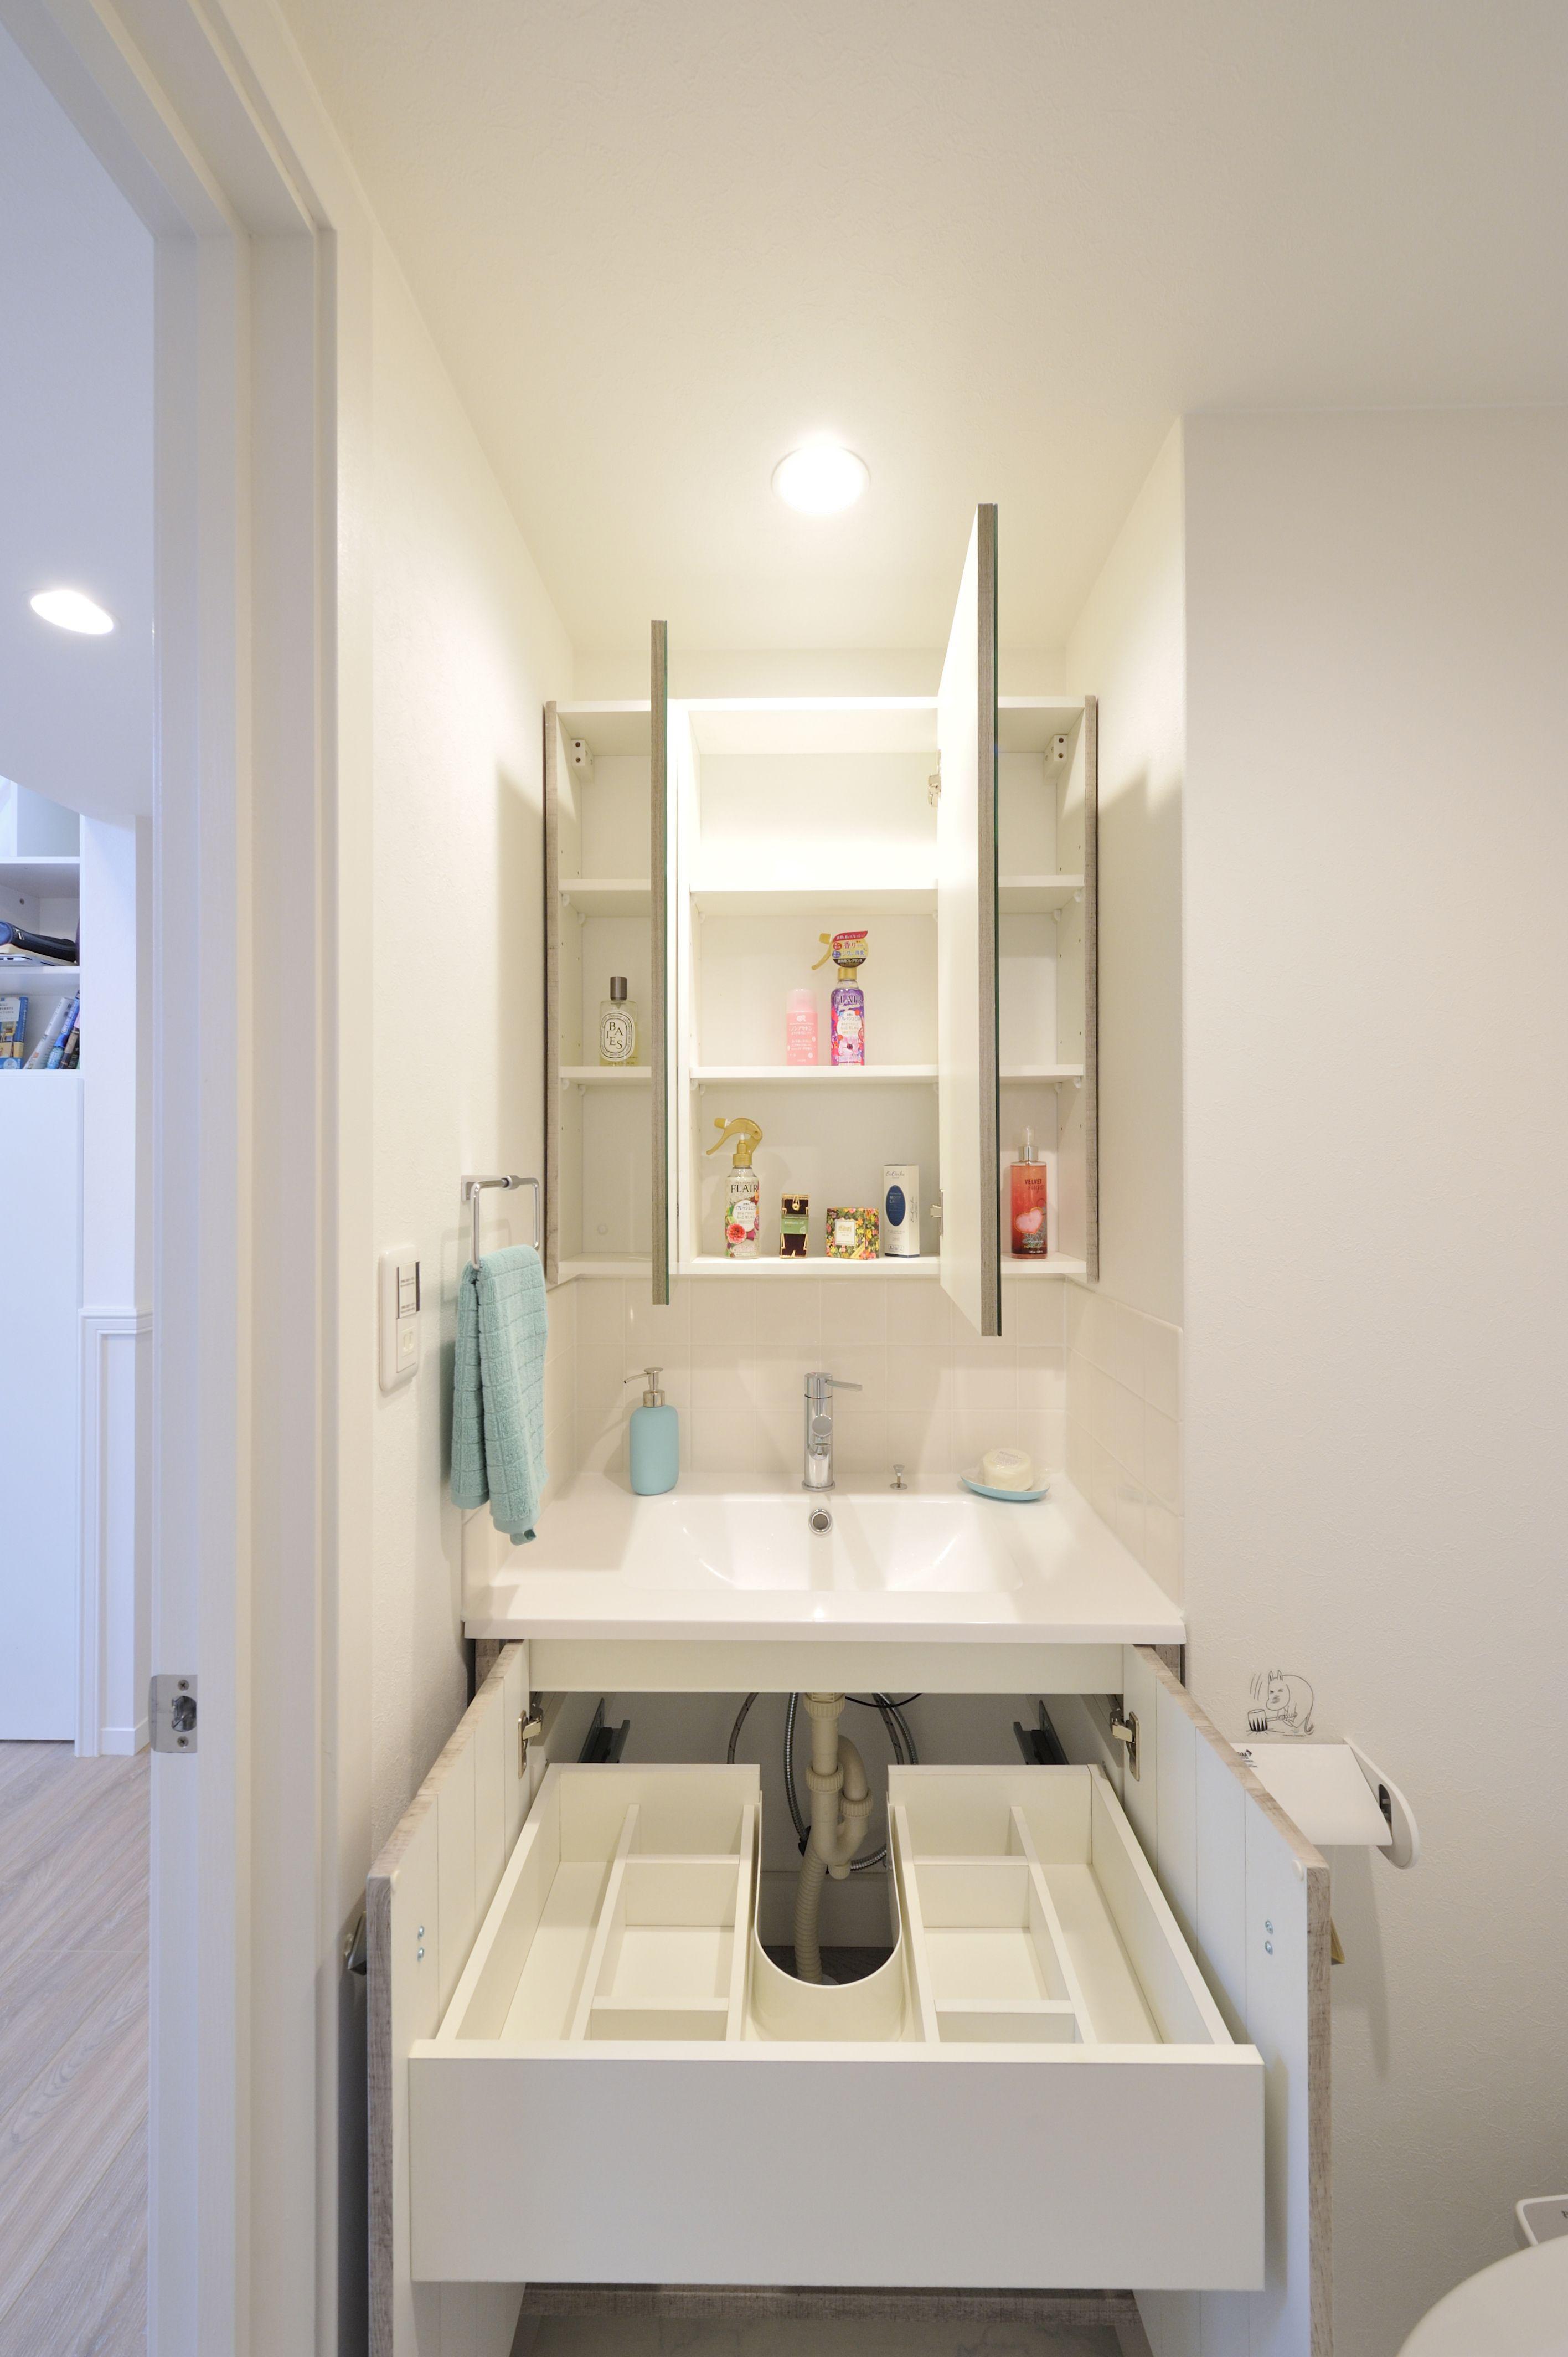 Prima インテリア 洗面台 アパート 賃貸住宅 賃貸 アパート